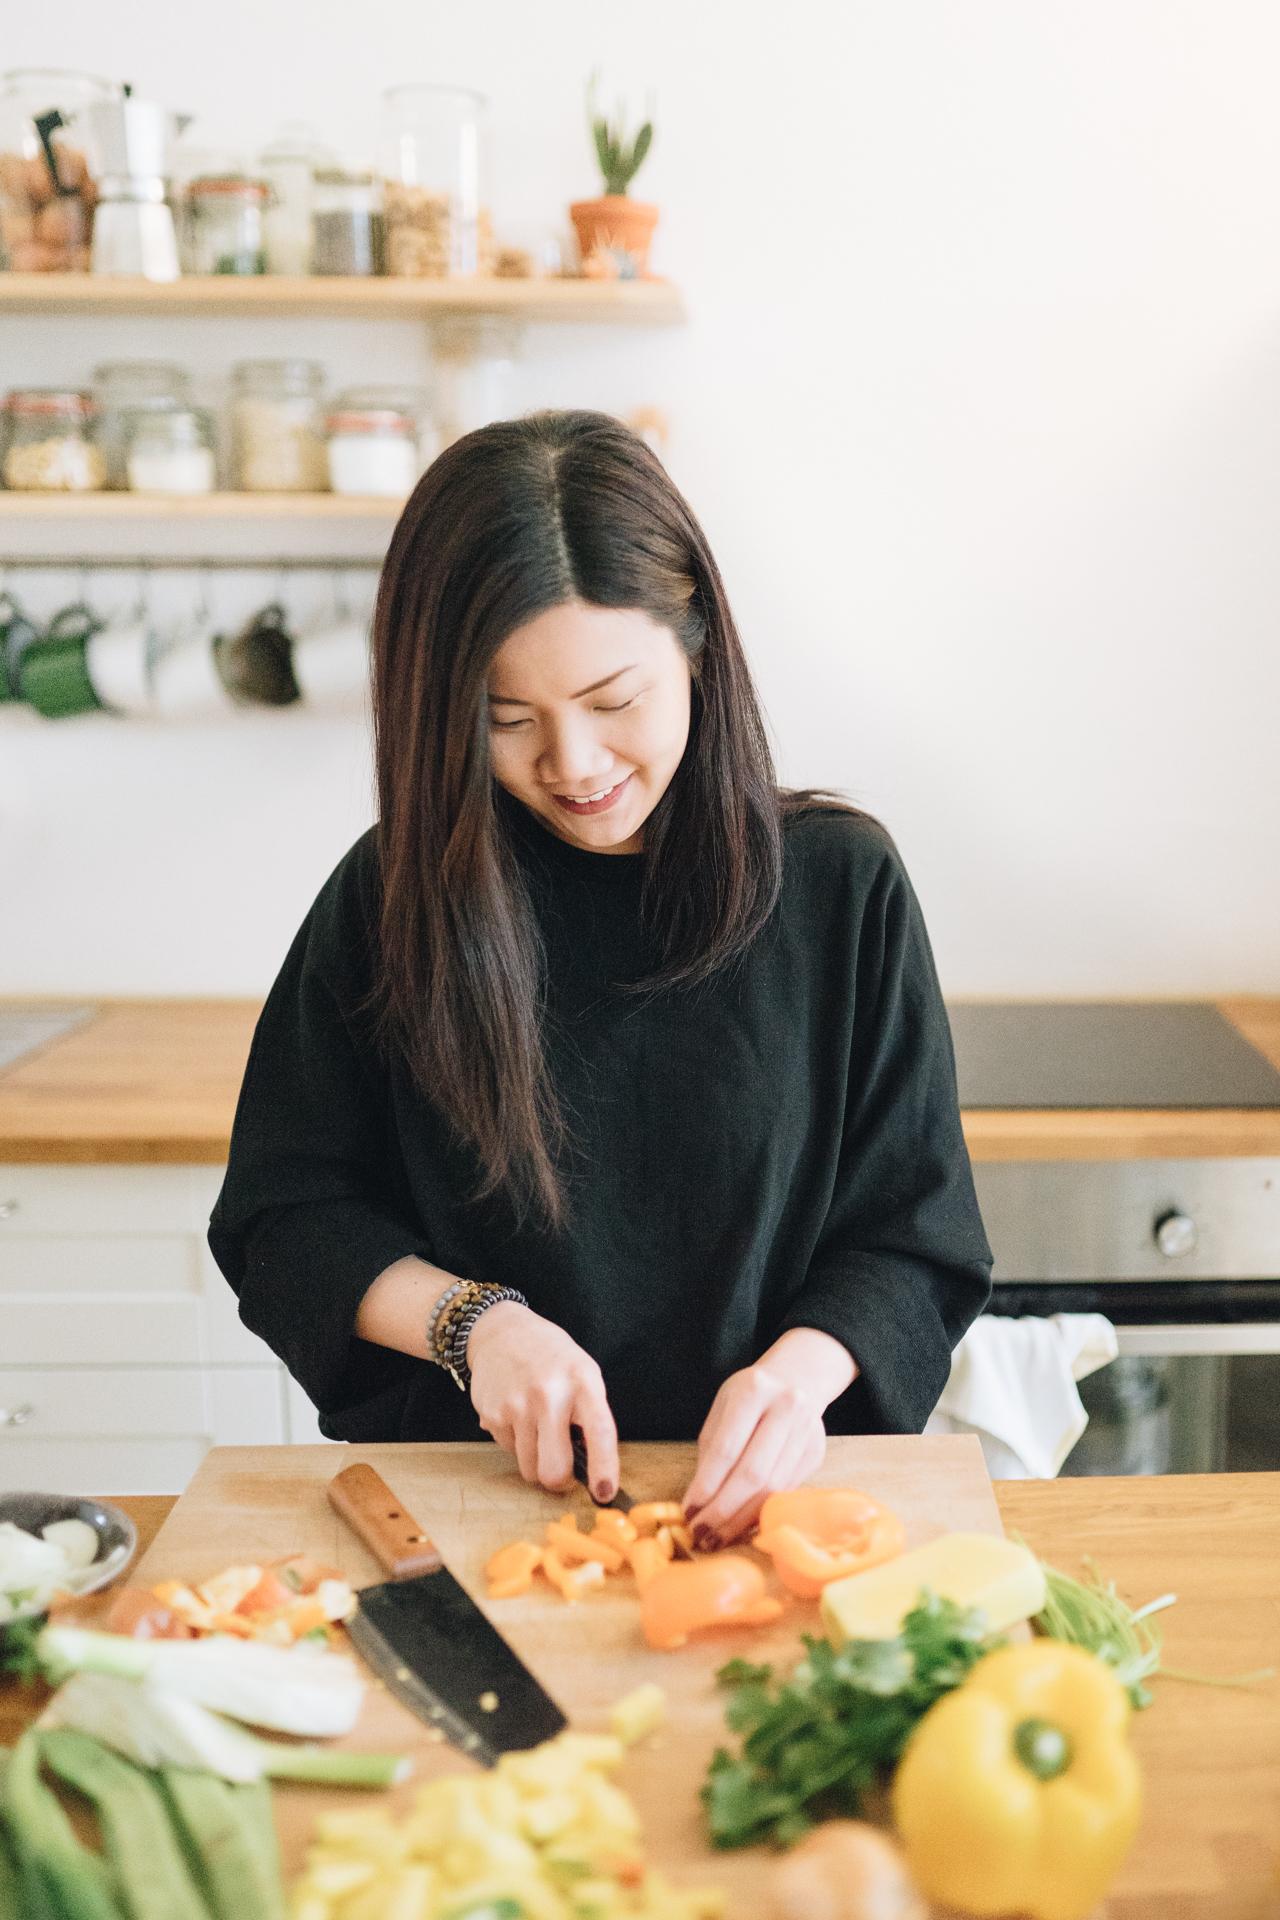 Frau schneidet Paprika in der Küche